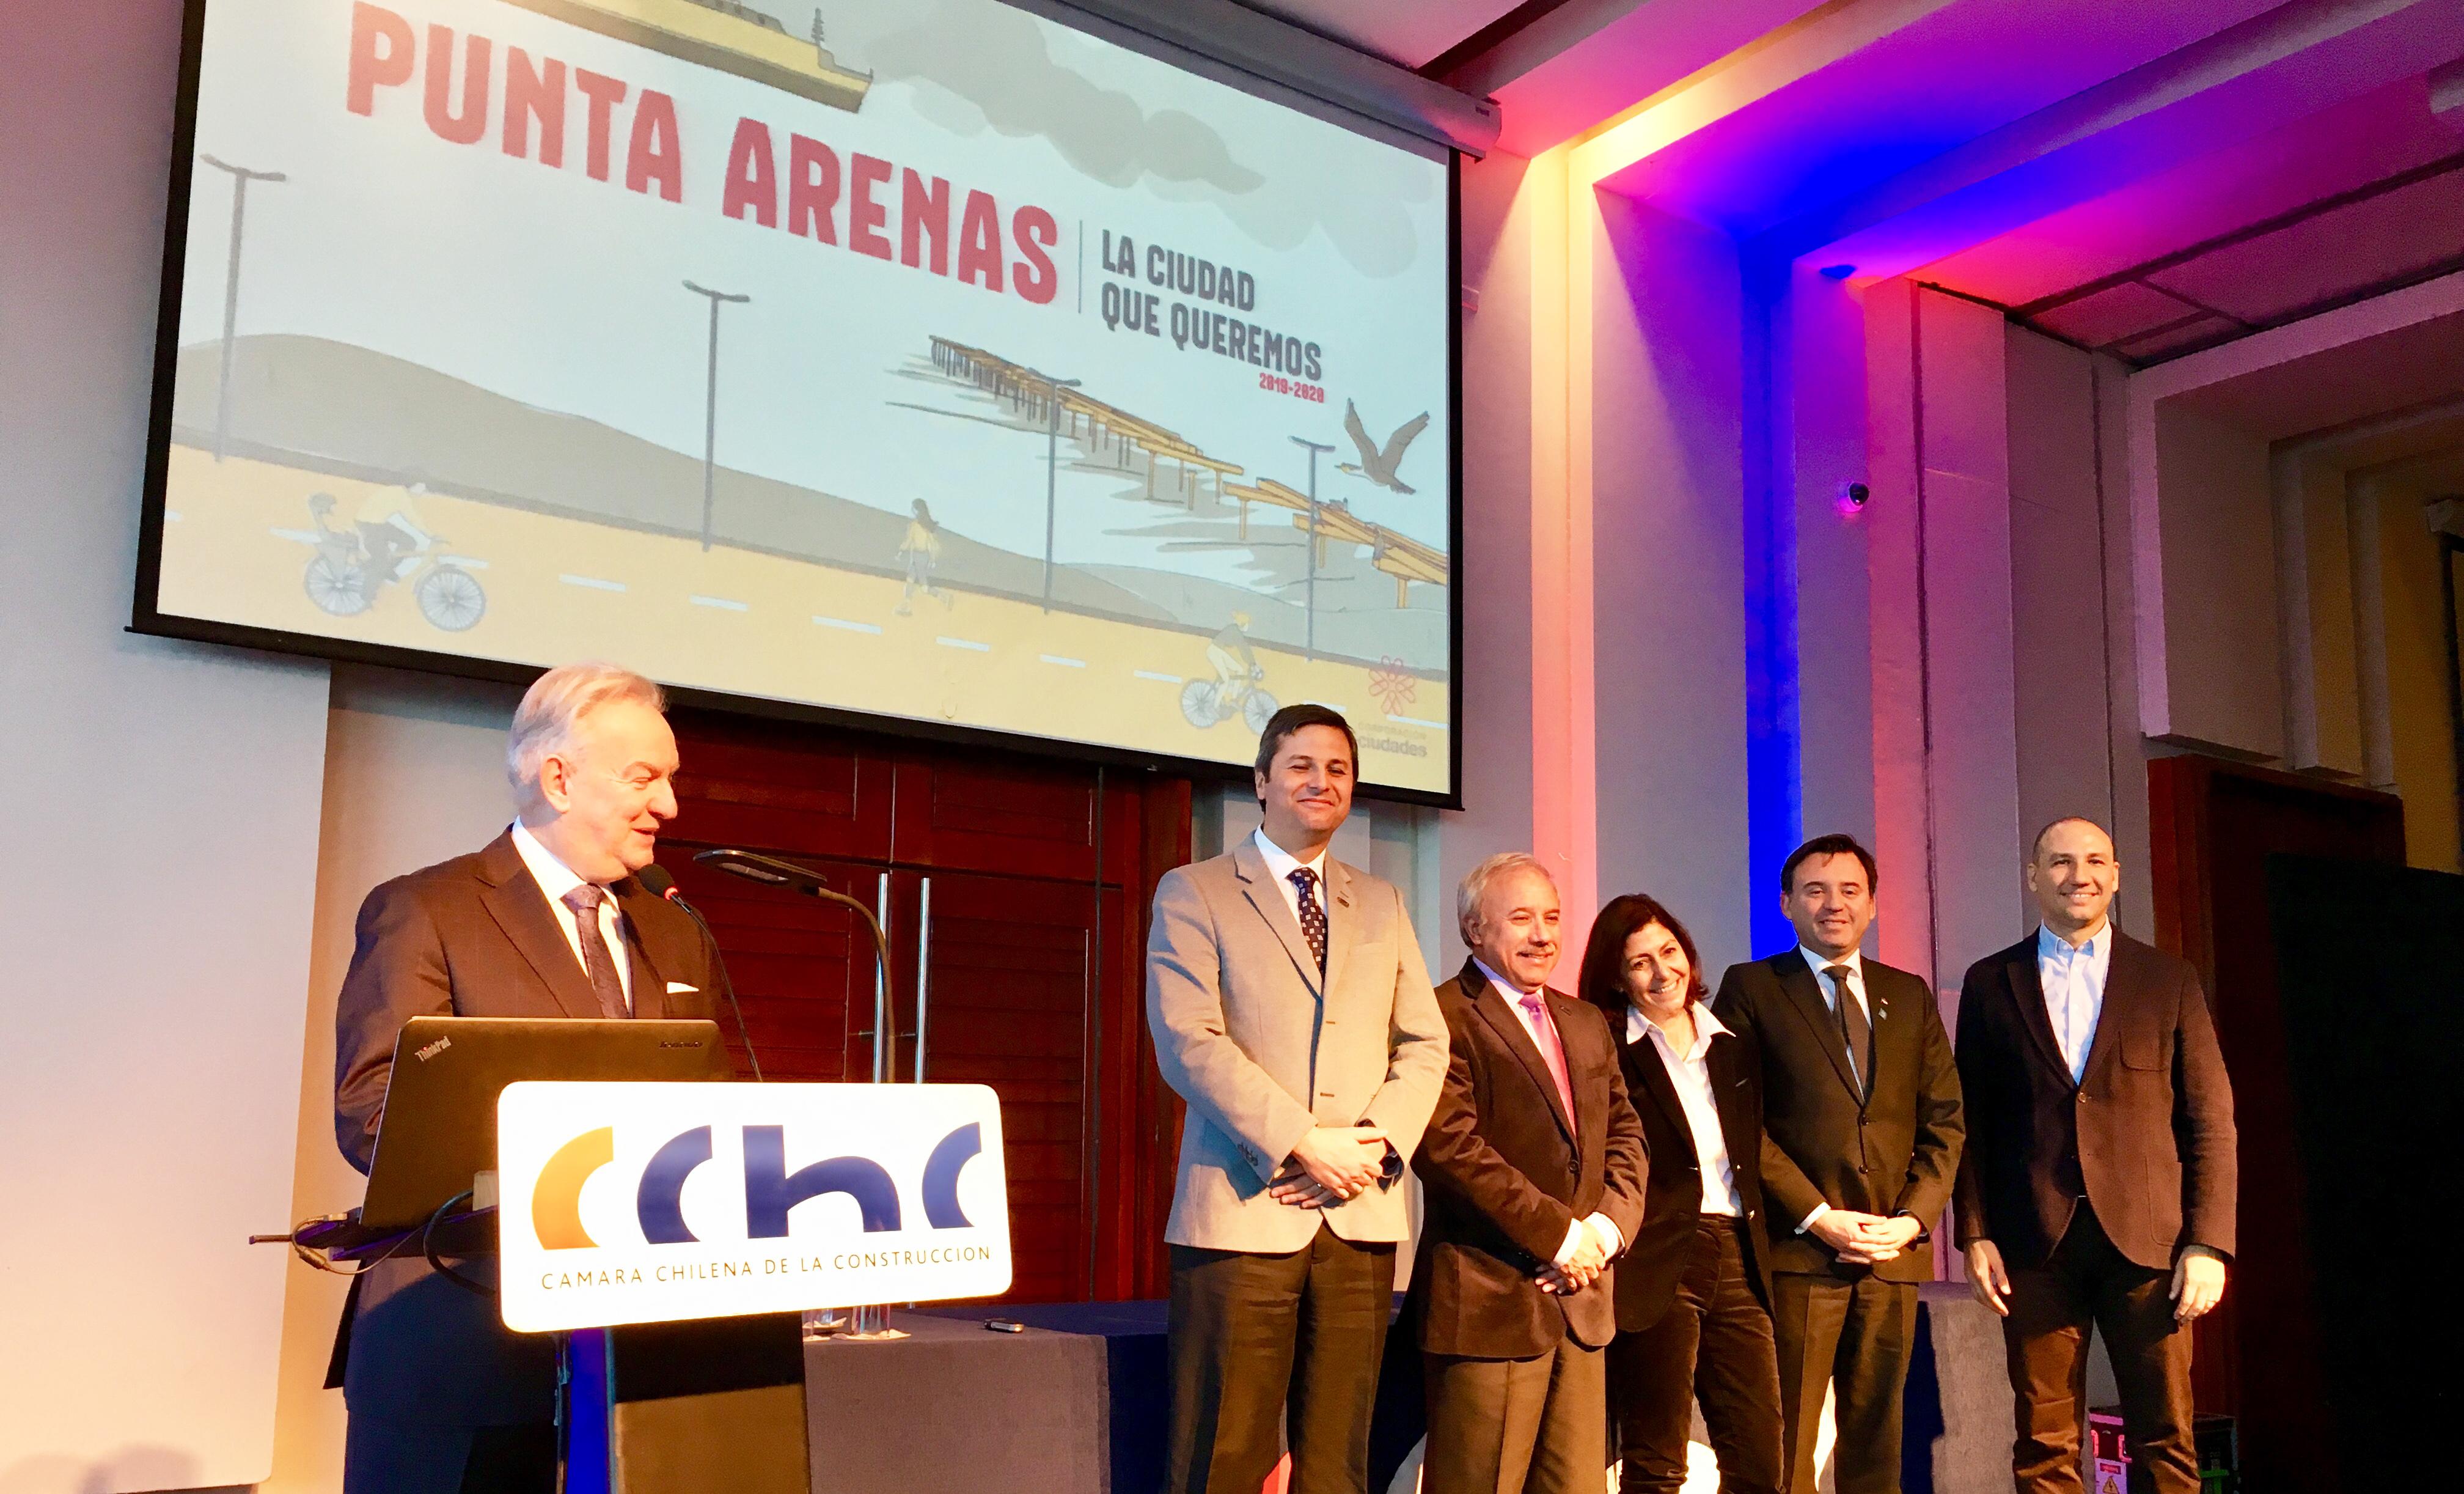 Punta Arenas: La Ciudad que queremos